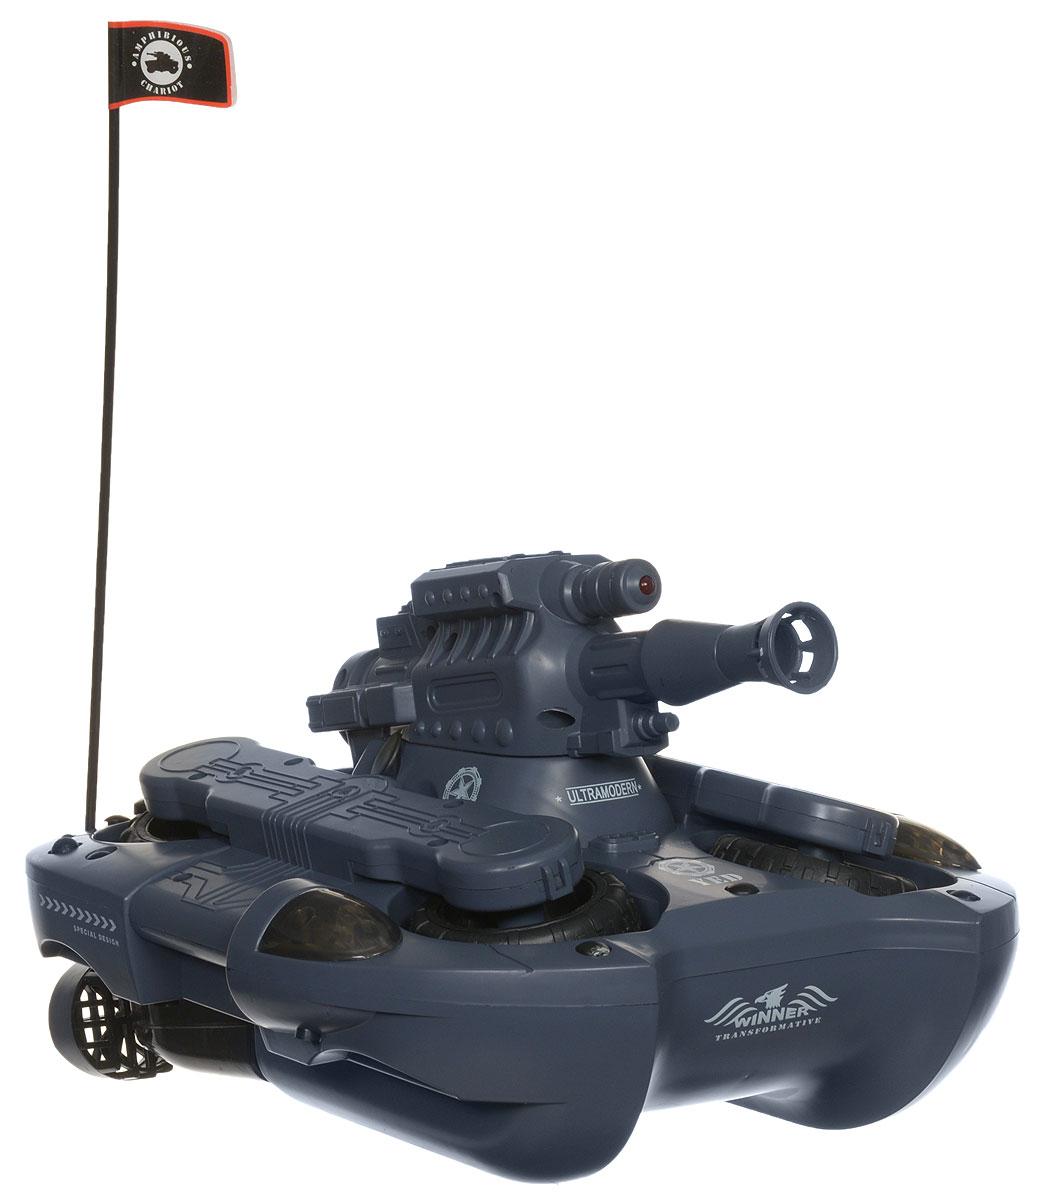 Bluesea Танк-амфибия на радиоуправлении цвет серый24883Радиоуправляемый Танк-амфибия, стреляющий шариками, обязательно привлечет внимание и взрослого, и ребенка и, несомненно, понравится любому мальчишке. Игрушка выполнена в виде танка, который нажатием кнопки превращается в лодку. Детализированный корпус модели изготовлен из пластика. Это уникальный в своем роде танк. Он не только ездит по земле, но он еще и способен плавать. Трансформация в лодку производится нажатием на одну кнопку. Благодаря приводу на каждое колесо и управлению по принципу гусеничного танка (левый рычаг отвечает за левые колеса, правый - за правые), амфибия способна развернуться на 360° на месте. И, конечно же, игрушка оснащена светодиодами, что создает эффектный внешний вид во время поездок в темноте. Важная особенность танка - полуавтоматическая стрельба пластиковыми мячами. Игрушка может перевозить напитки в банках (для этого у него есть специальные ячейки). Ваш ребенок часами будет играть с моделью, придумывая различные истории и устраивая...